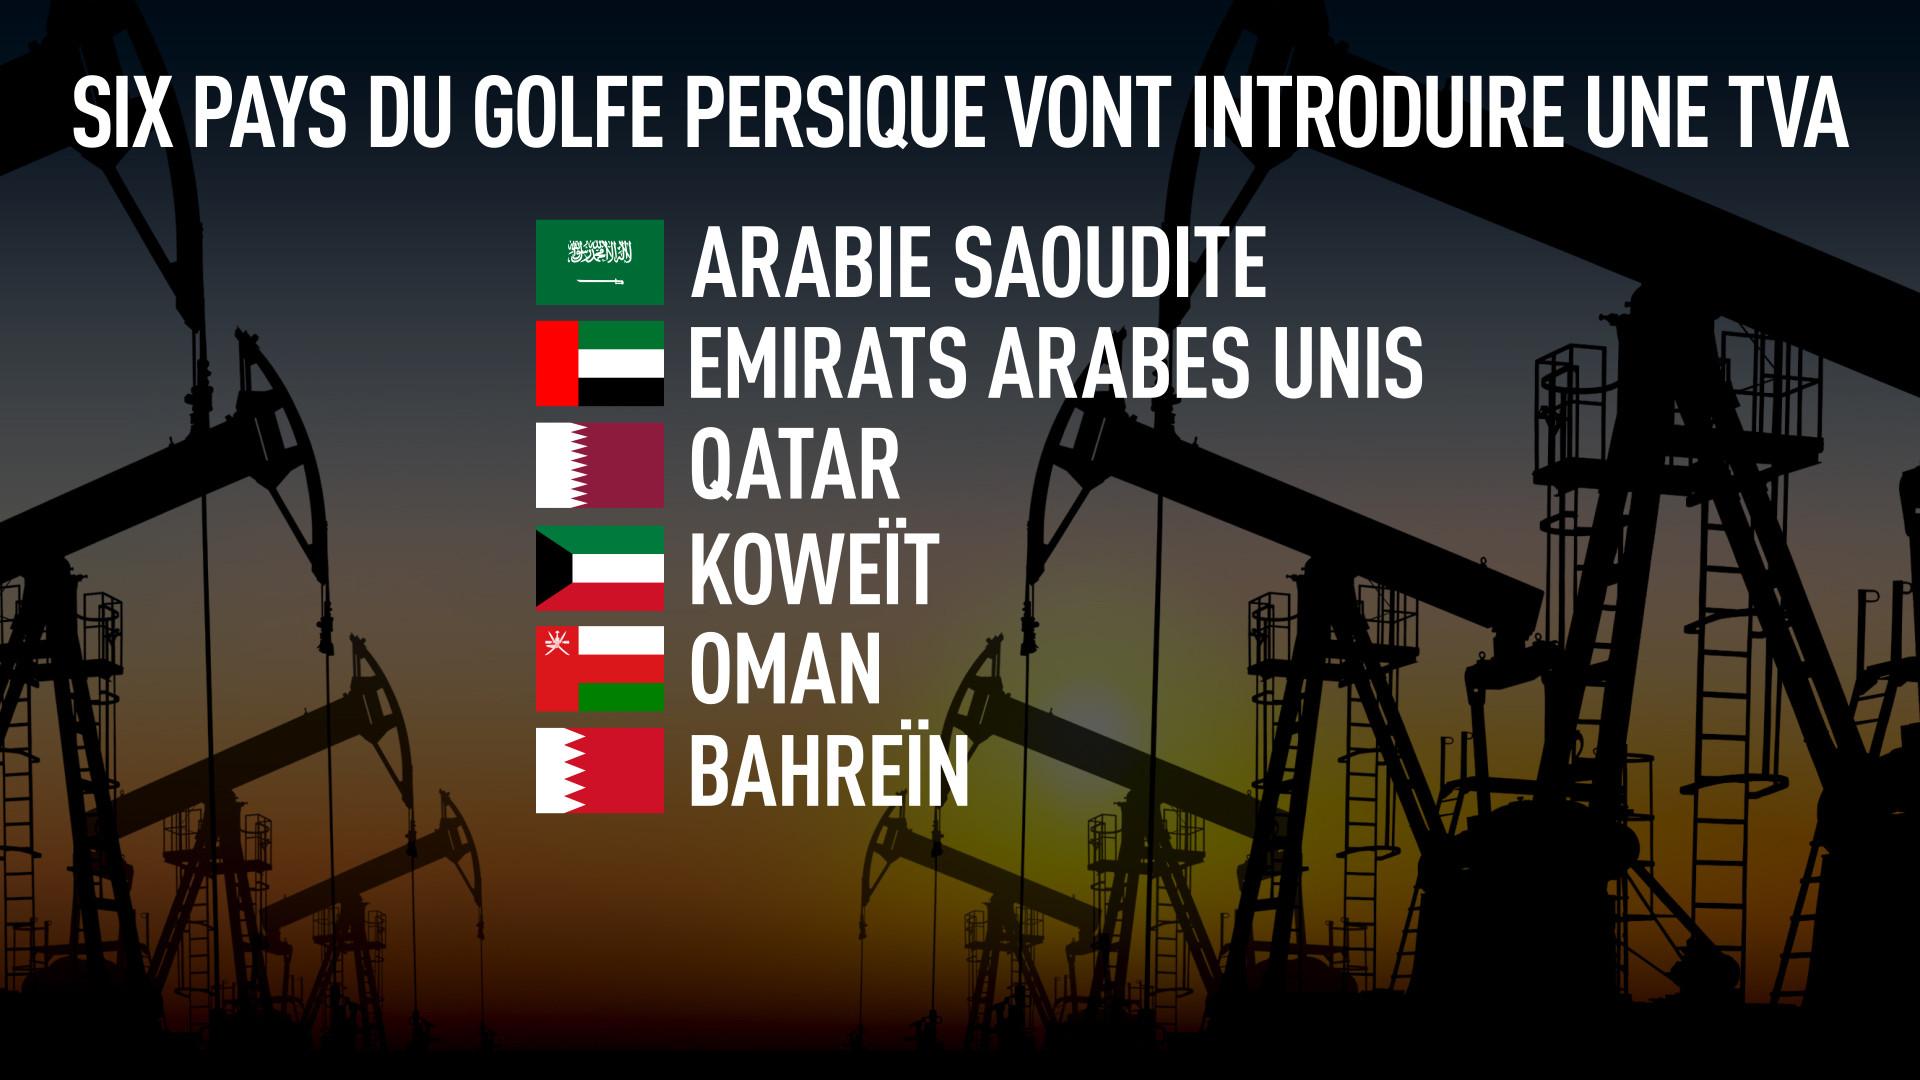 Ces 6 pays du Golfe